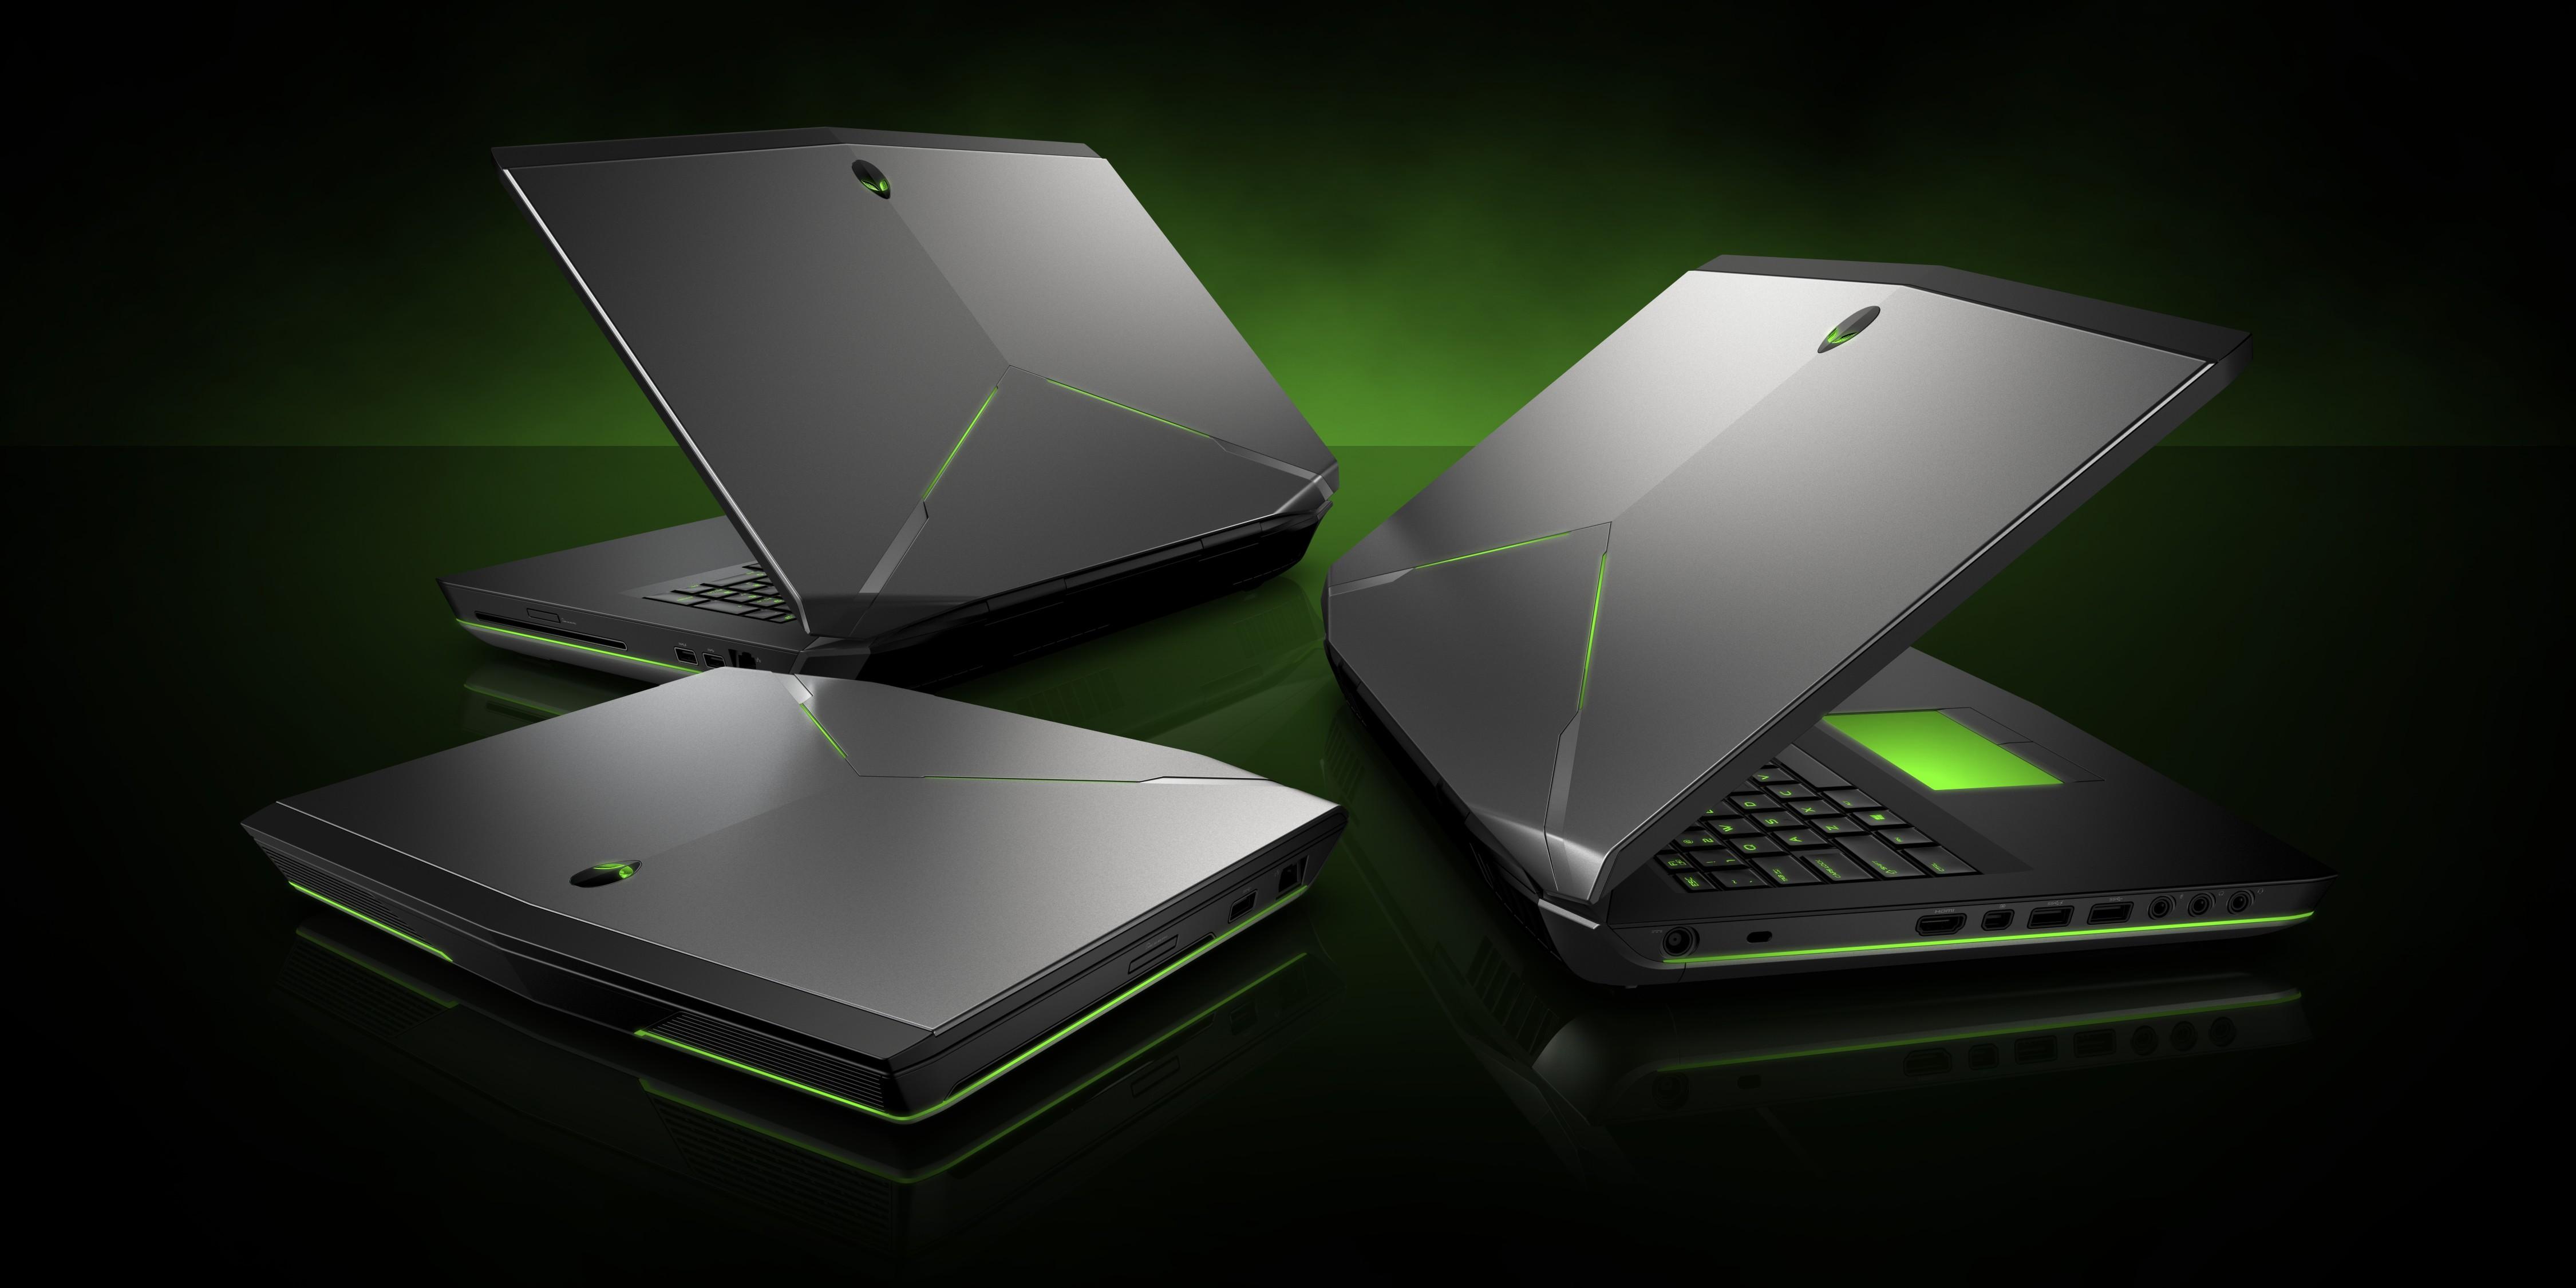 Perbedaan Pc Gaming Dengan Laptop Blog Dimensidata 1 Set Komputer Alienware 14 17 And 18 Notebooks Beauty